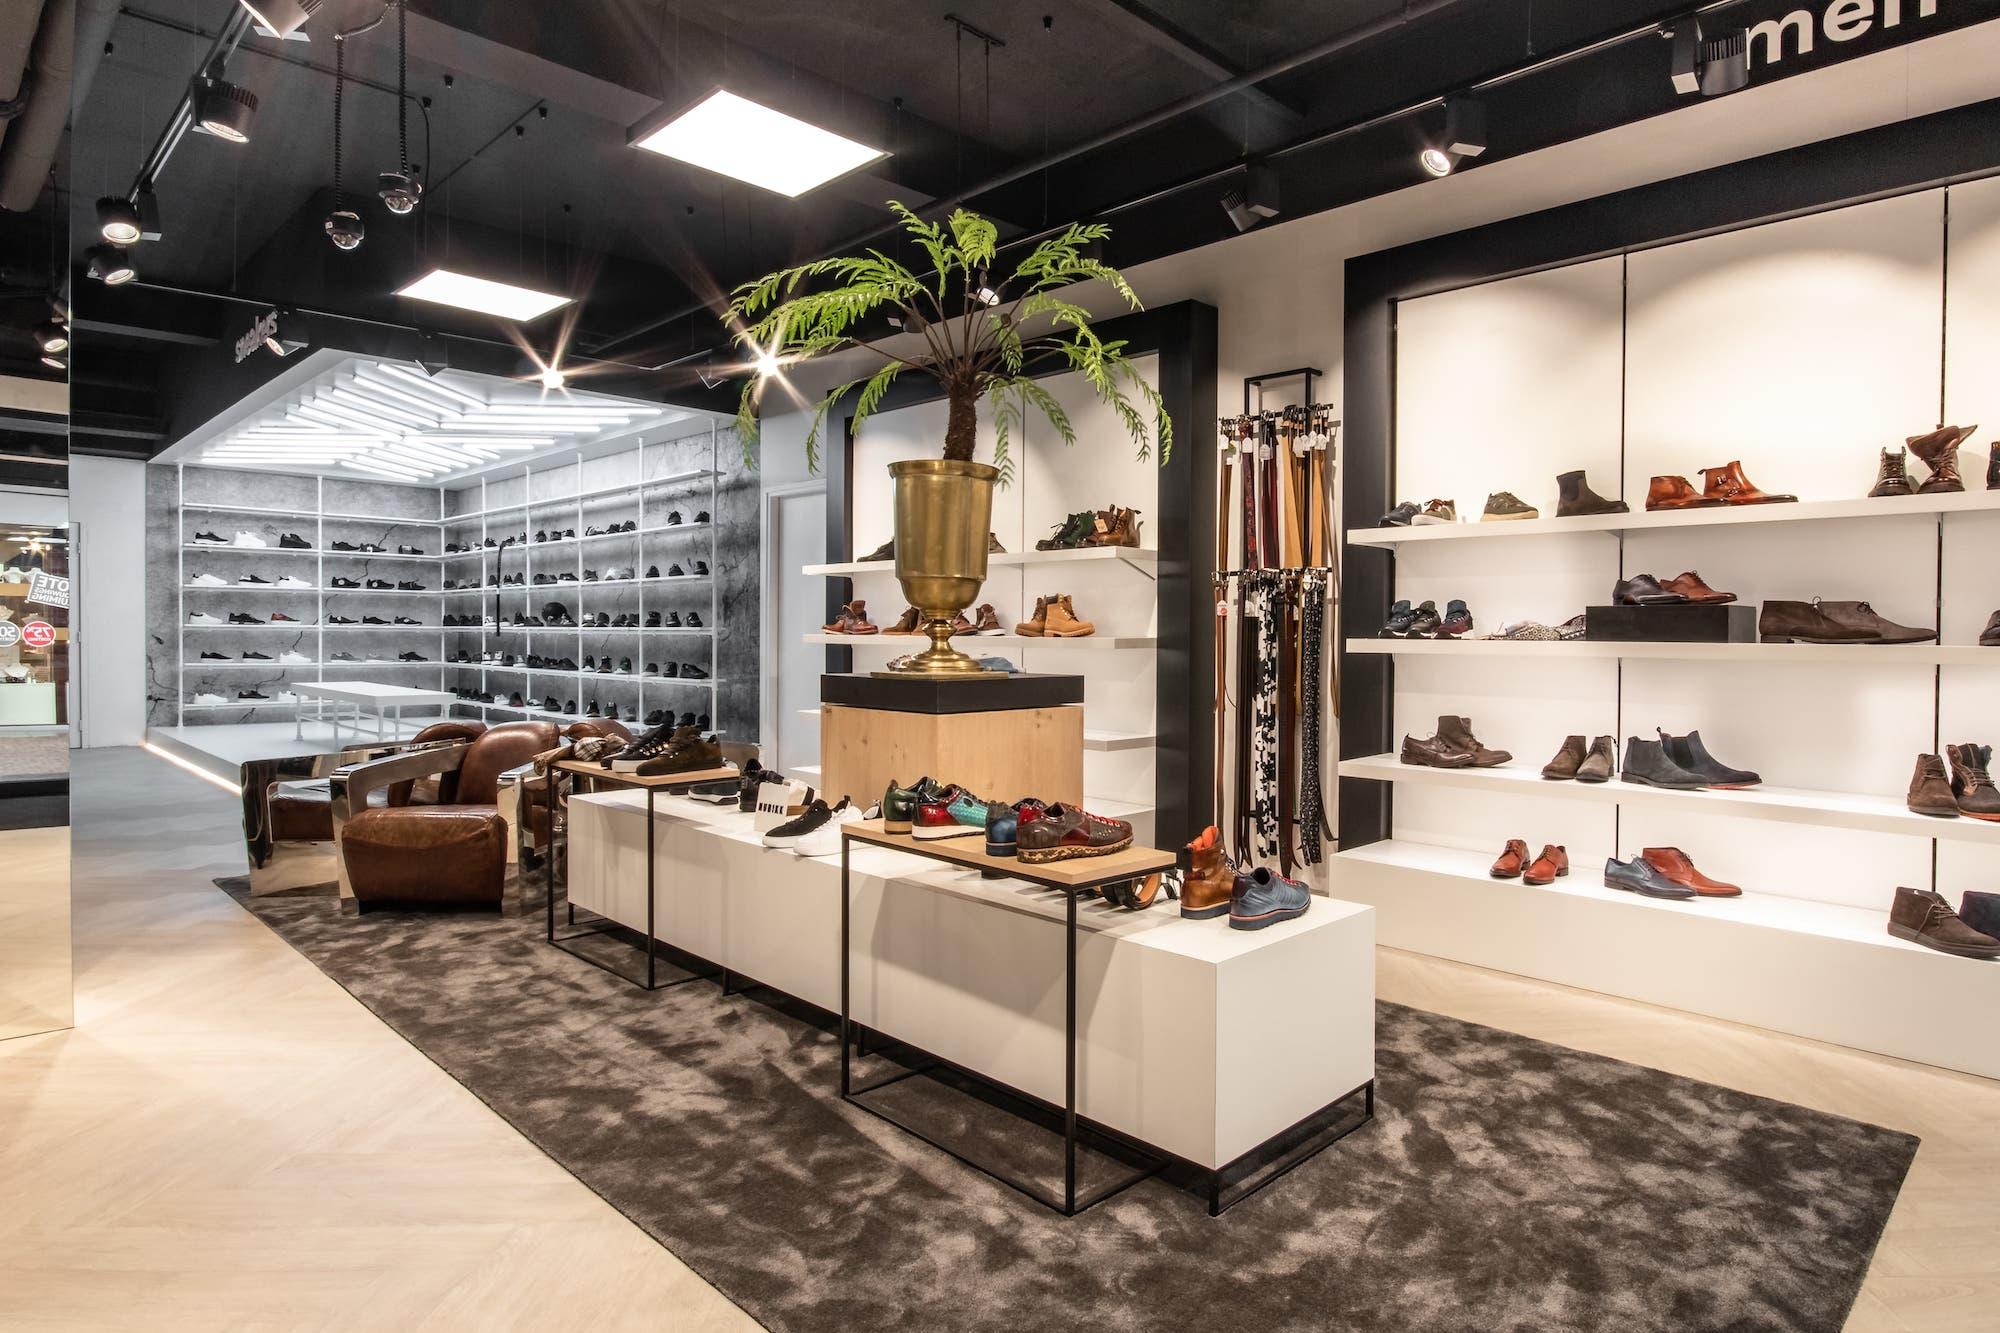 Shop interior Oxener shoes